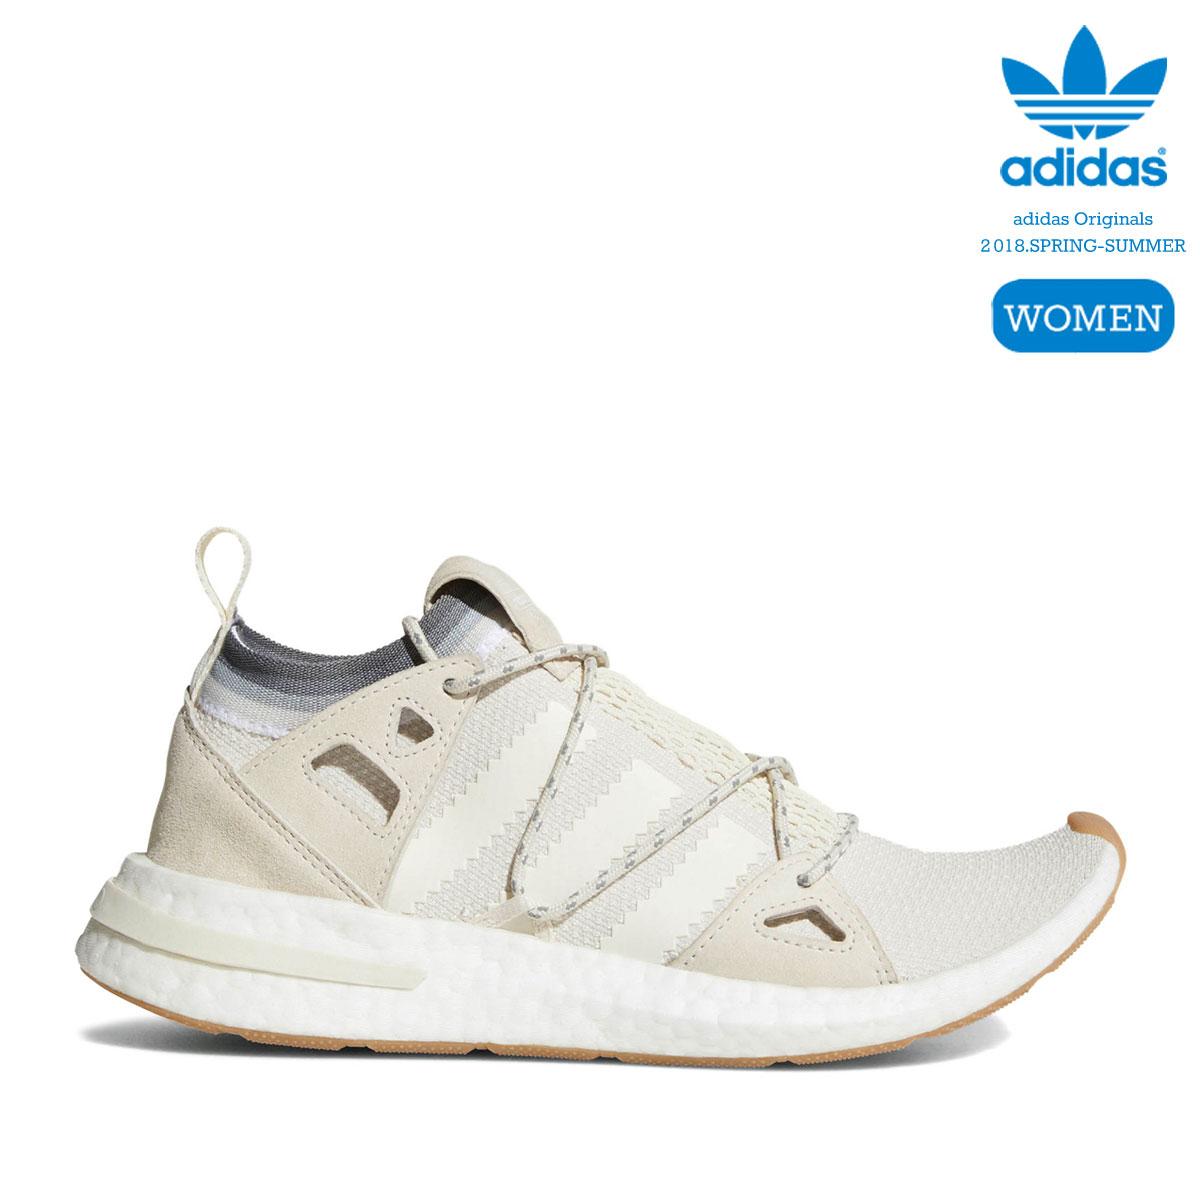 adidas Originals ARKYN W (Chalk White/Running White/Gum) 【レディースサイズ】【18SS-I】